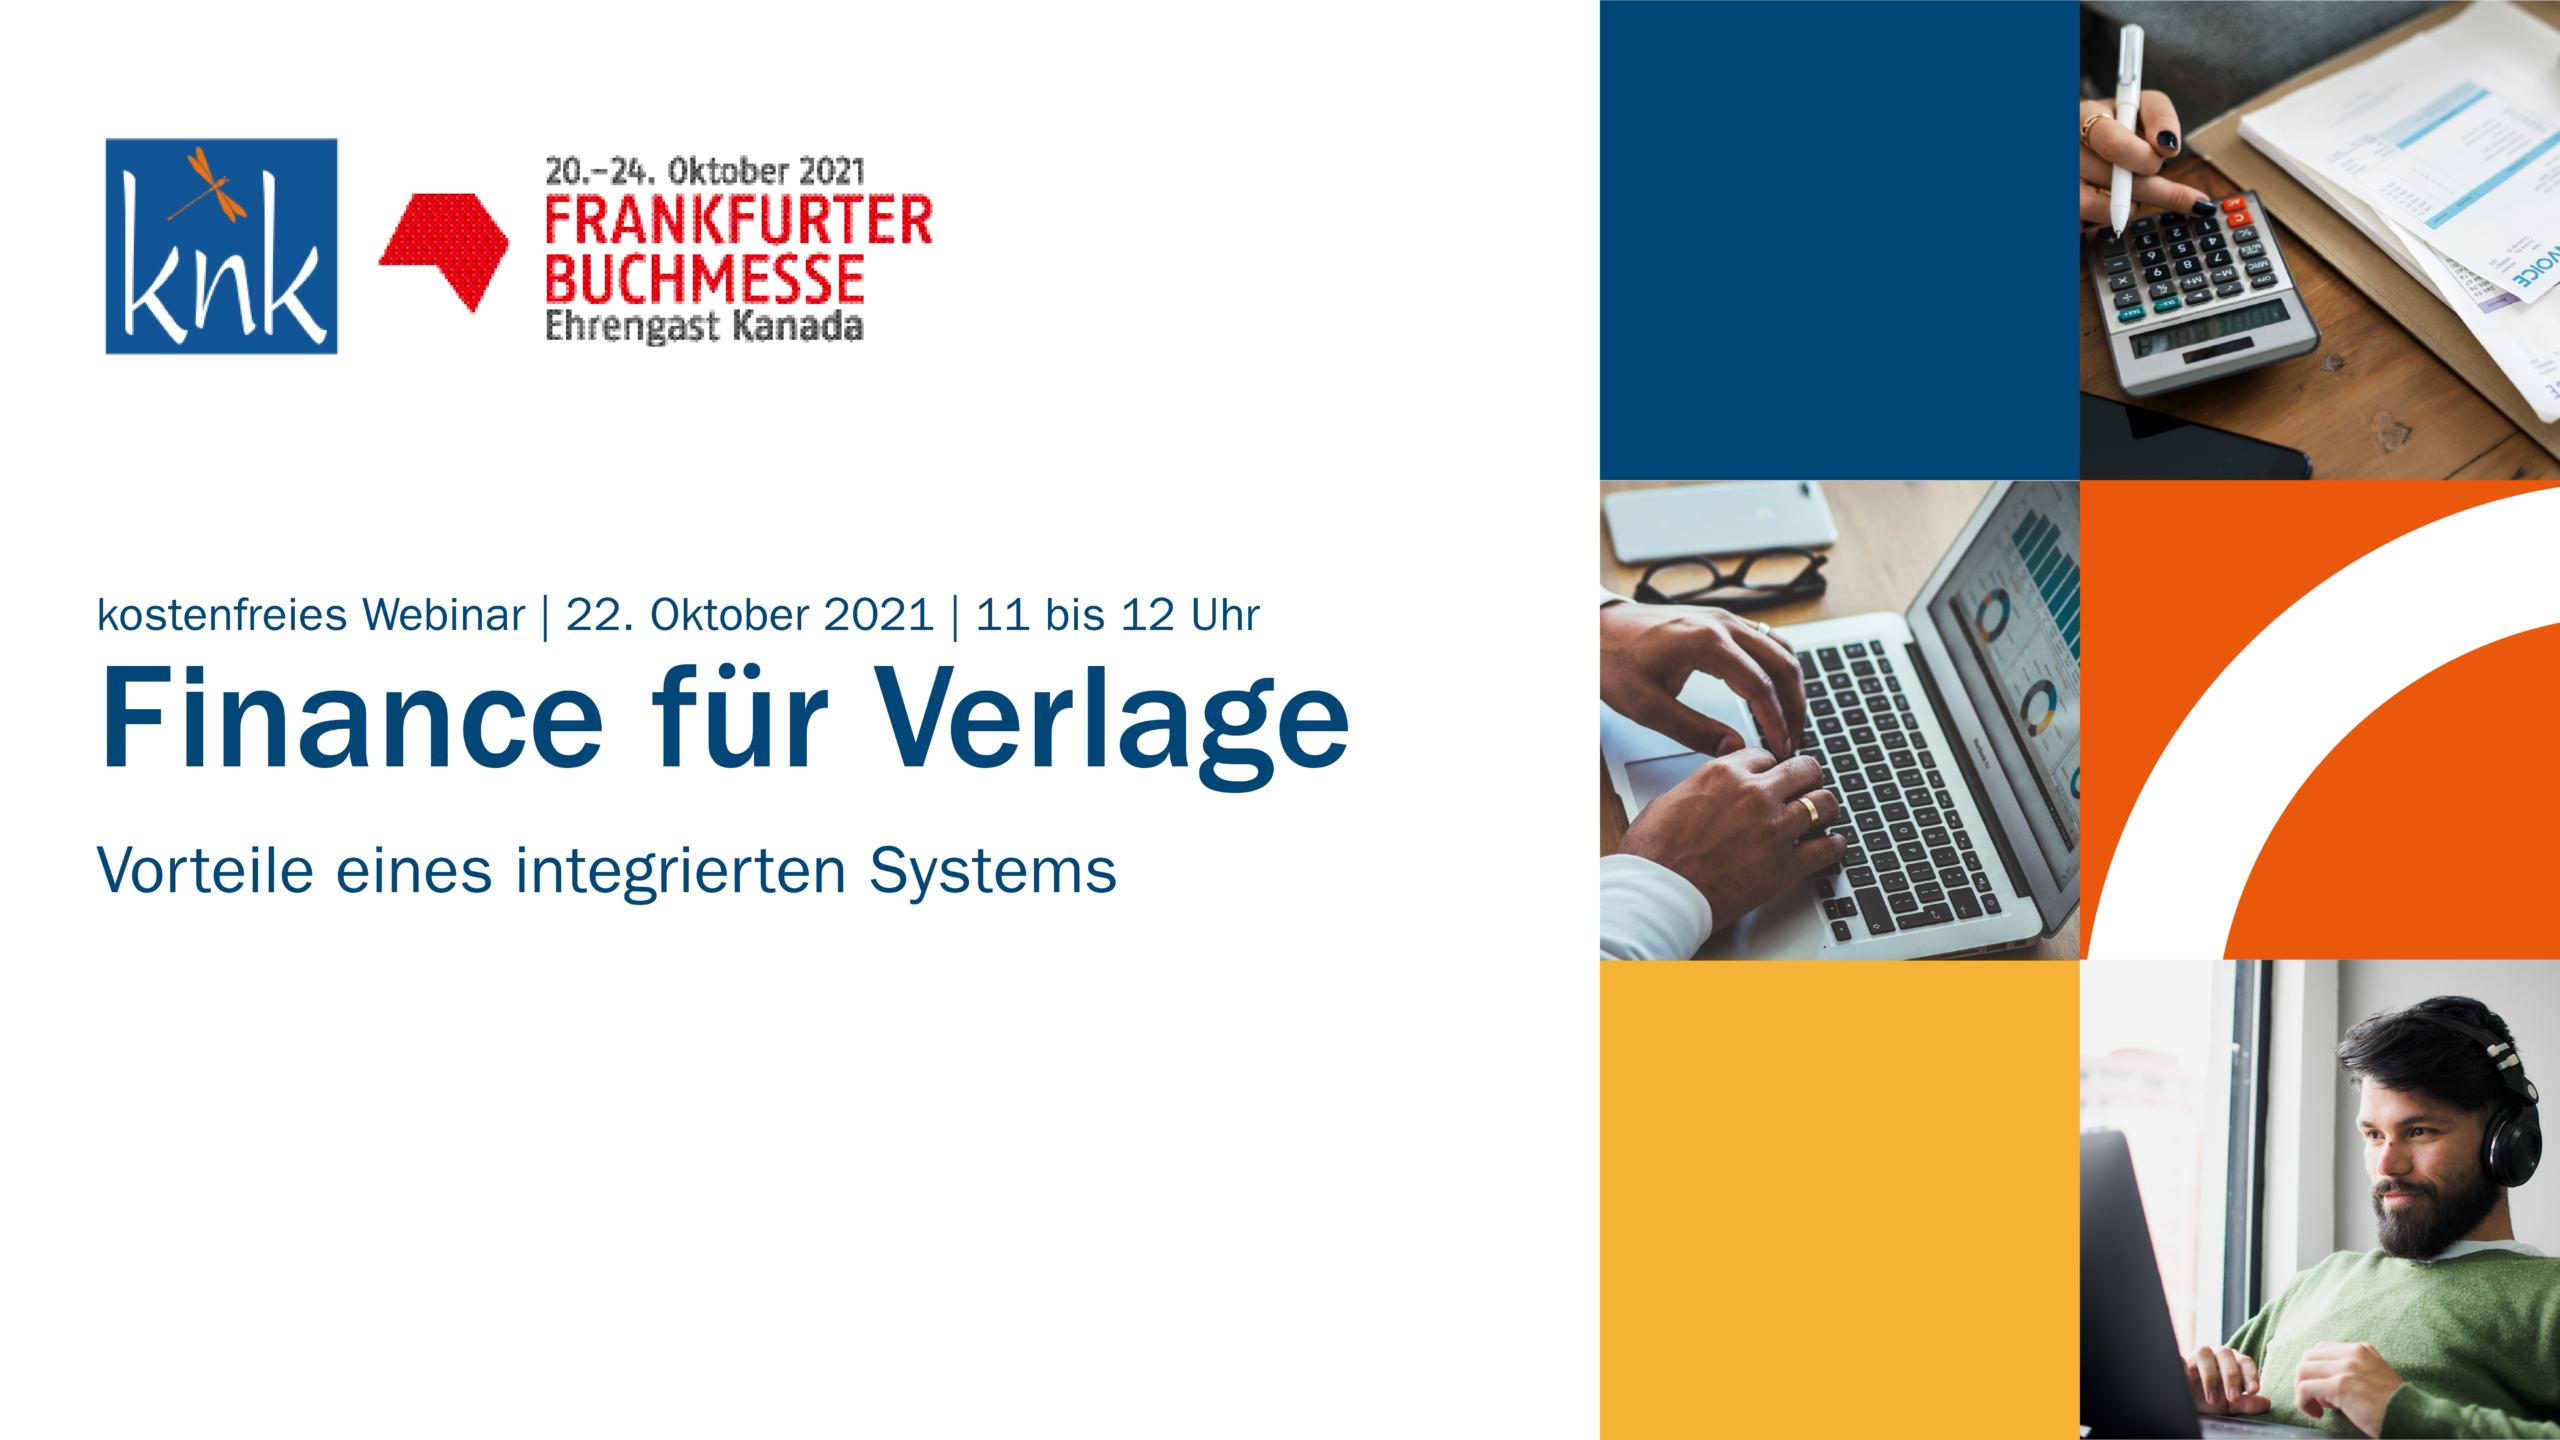 Finance für Verlage FBM 21